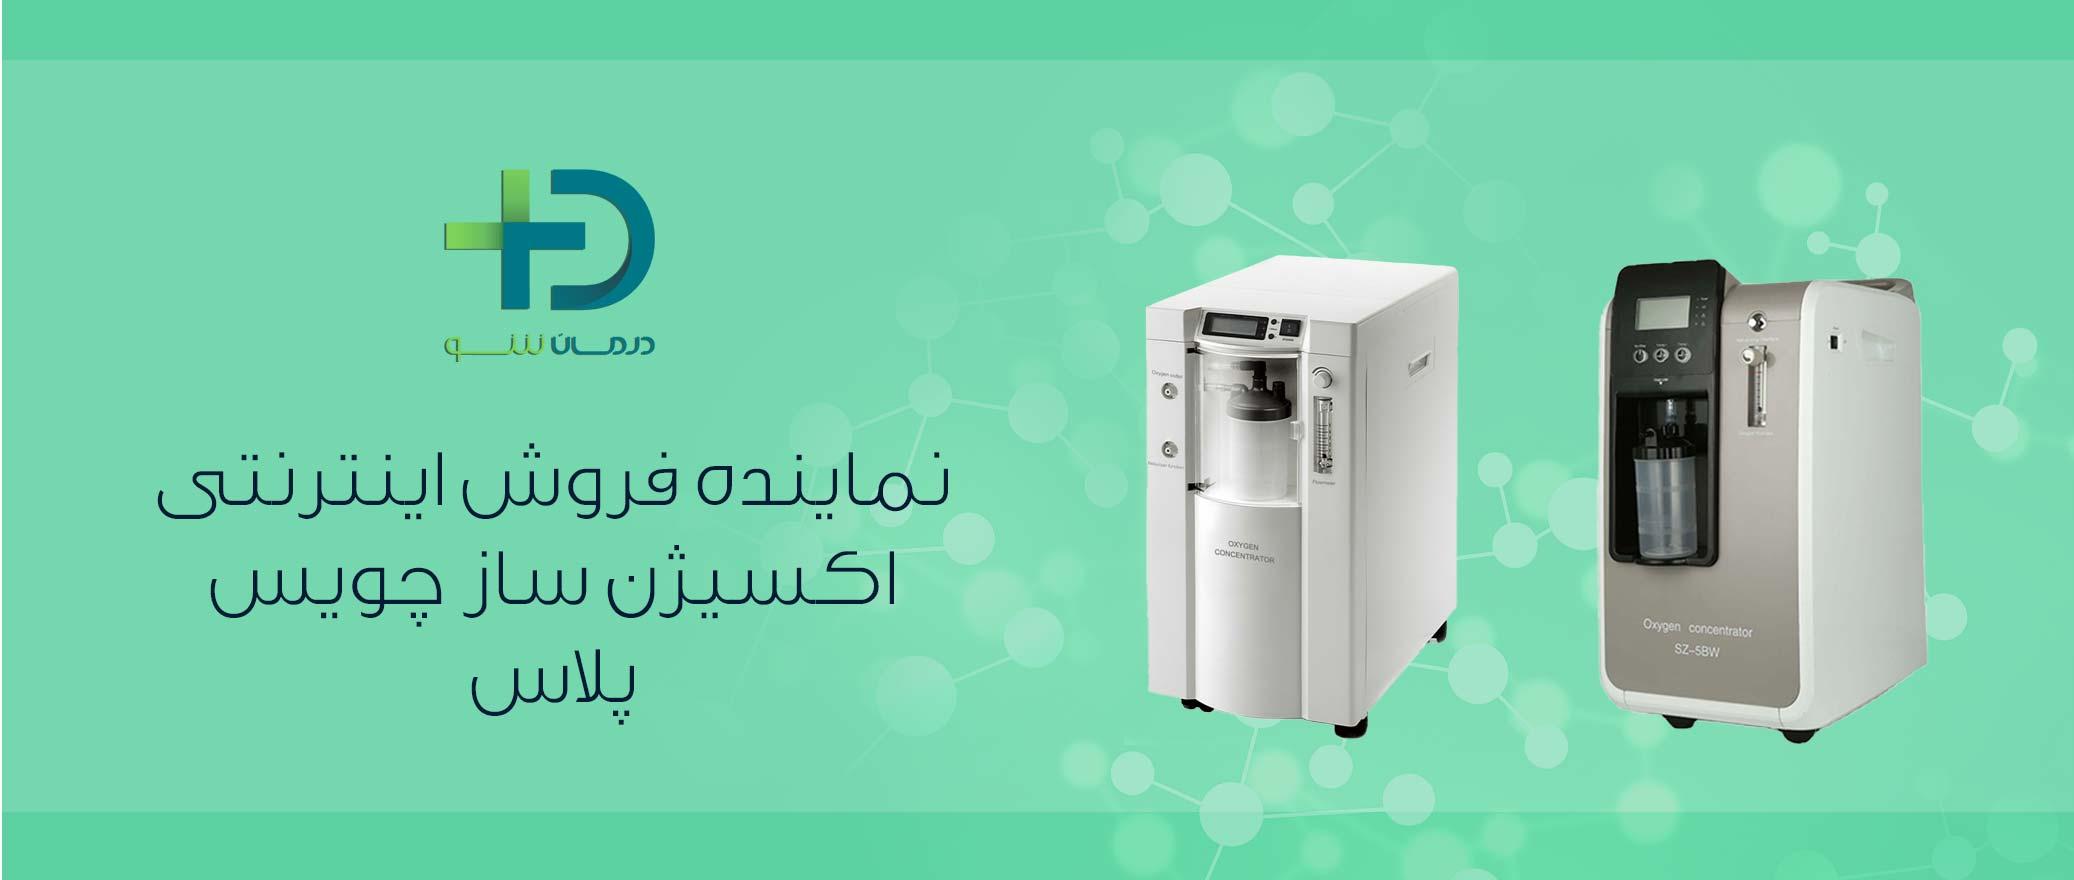 فروشگاه اینترنتی تجهیزات پزشکی درمان شو اکسیژن ساز